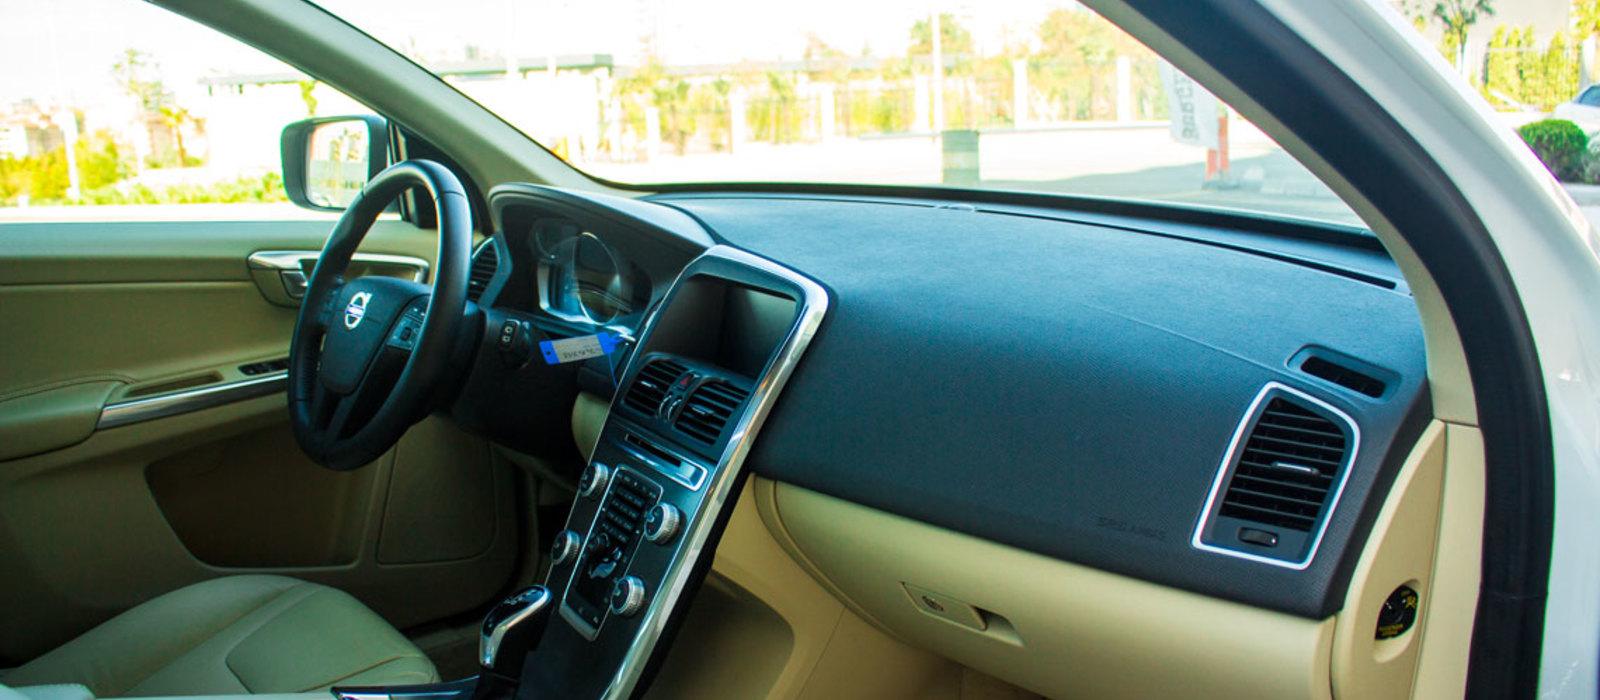 ikinci el araba 2016 Volvo XC 60 2.0 D4 Advance Dizel Otomatik 31240 KM 3